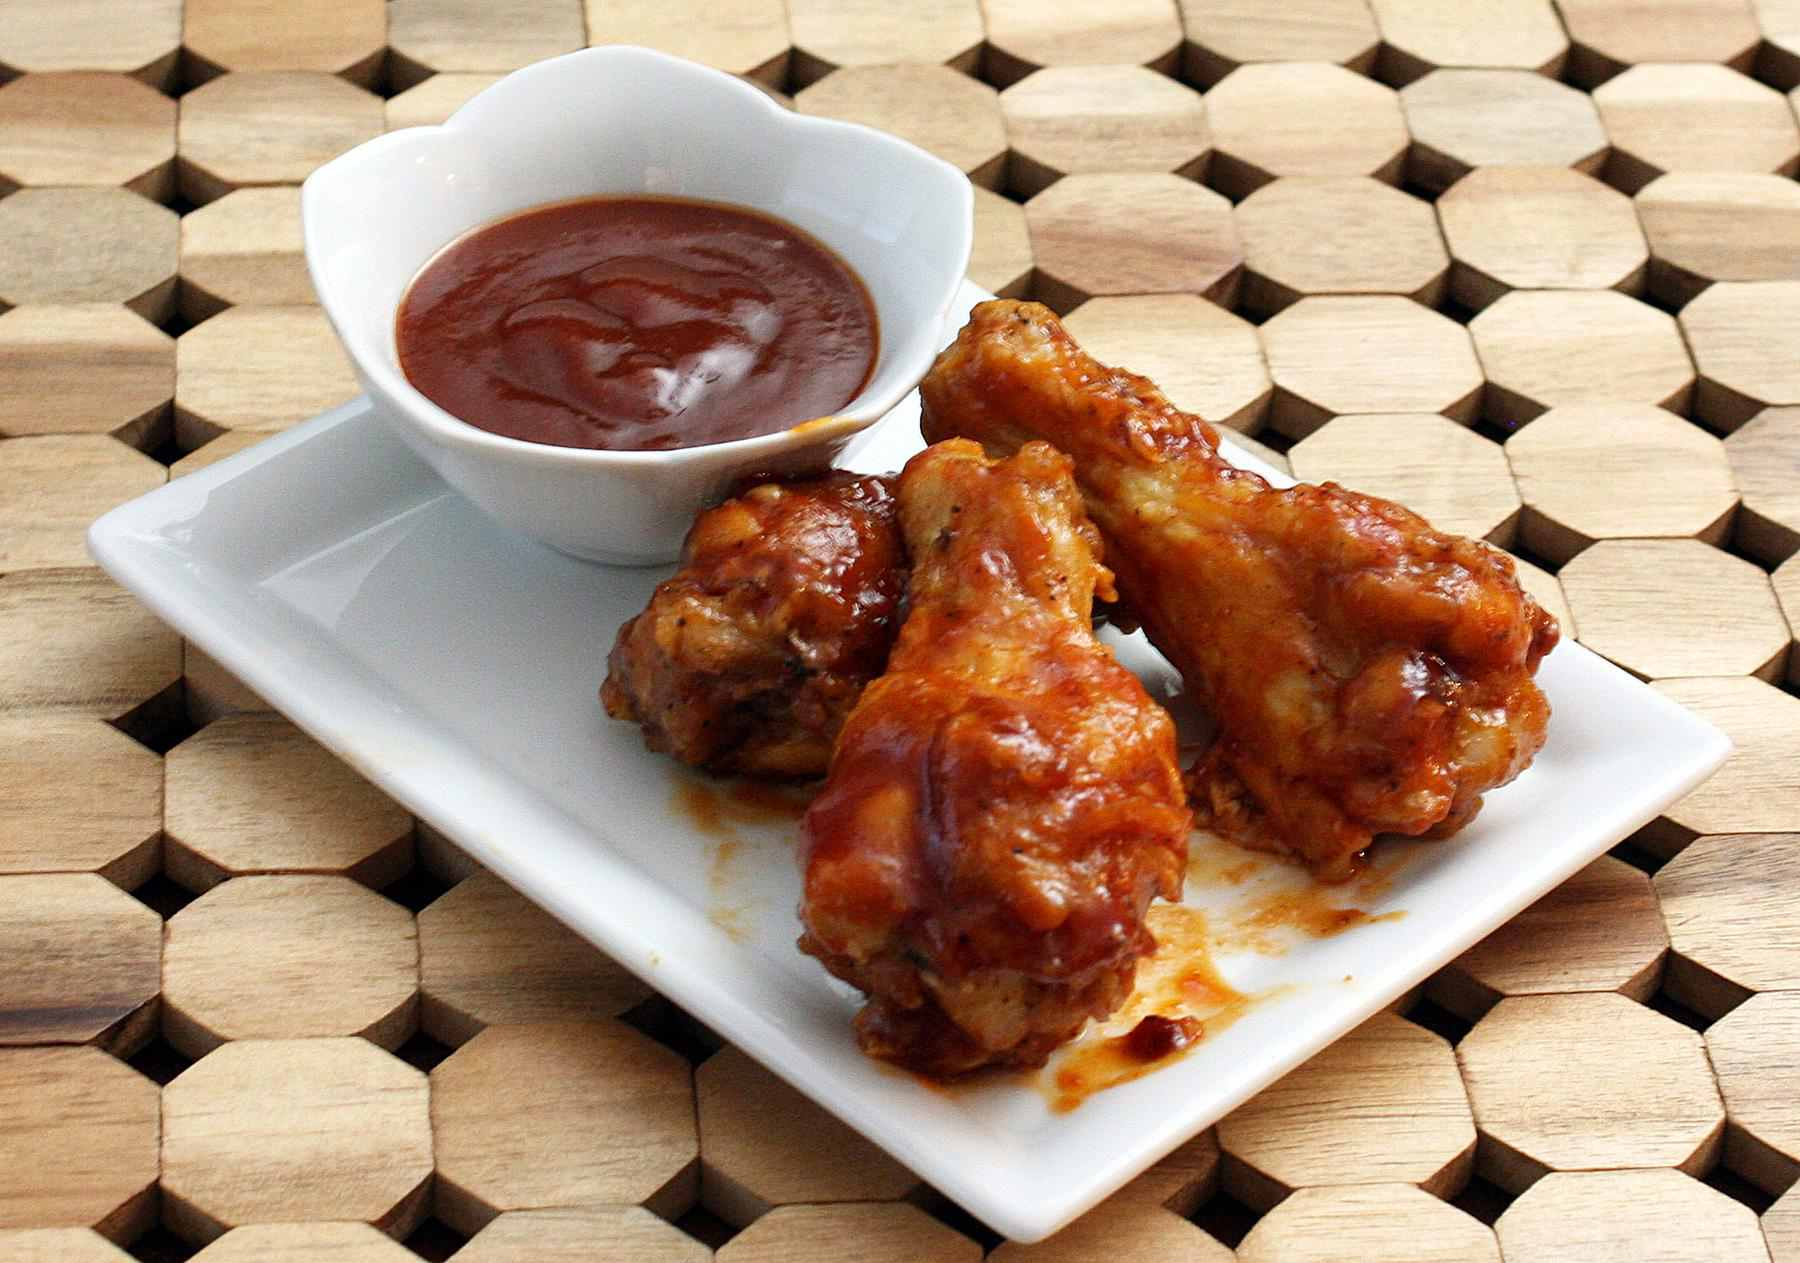 Saucy Jack Daniel's barbecue chicken drumettes